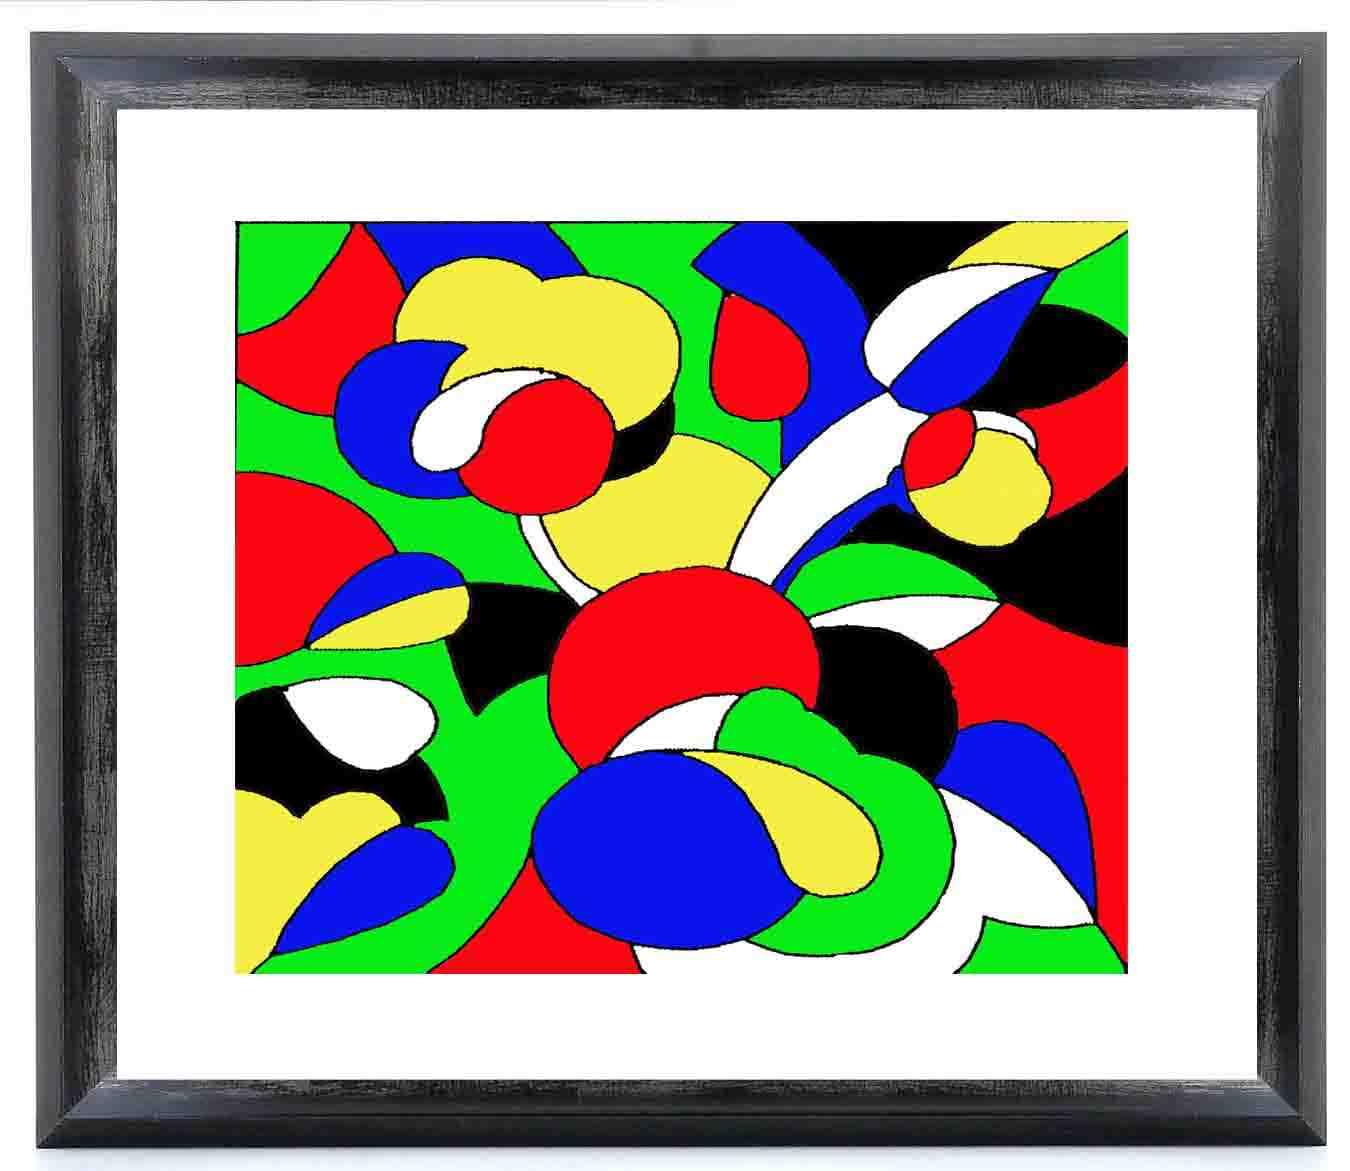 http://www.prise2tete.fr/upload/nobodydy-M500-tableau.jpg